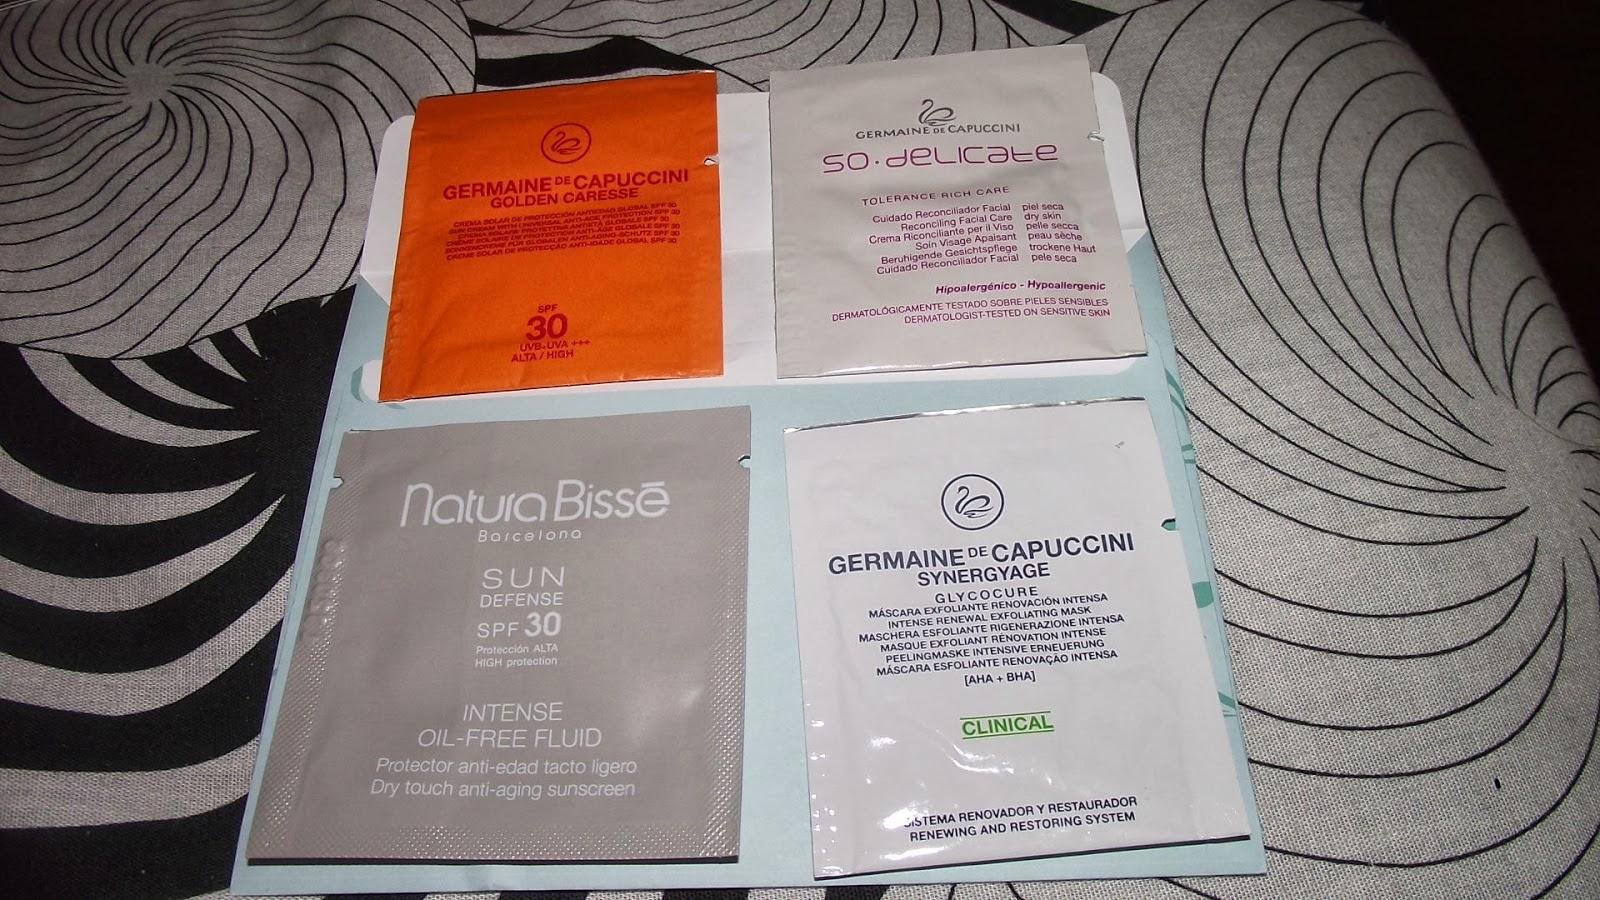 Que ayuda realmente de las manchas de pigmento